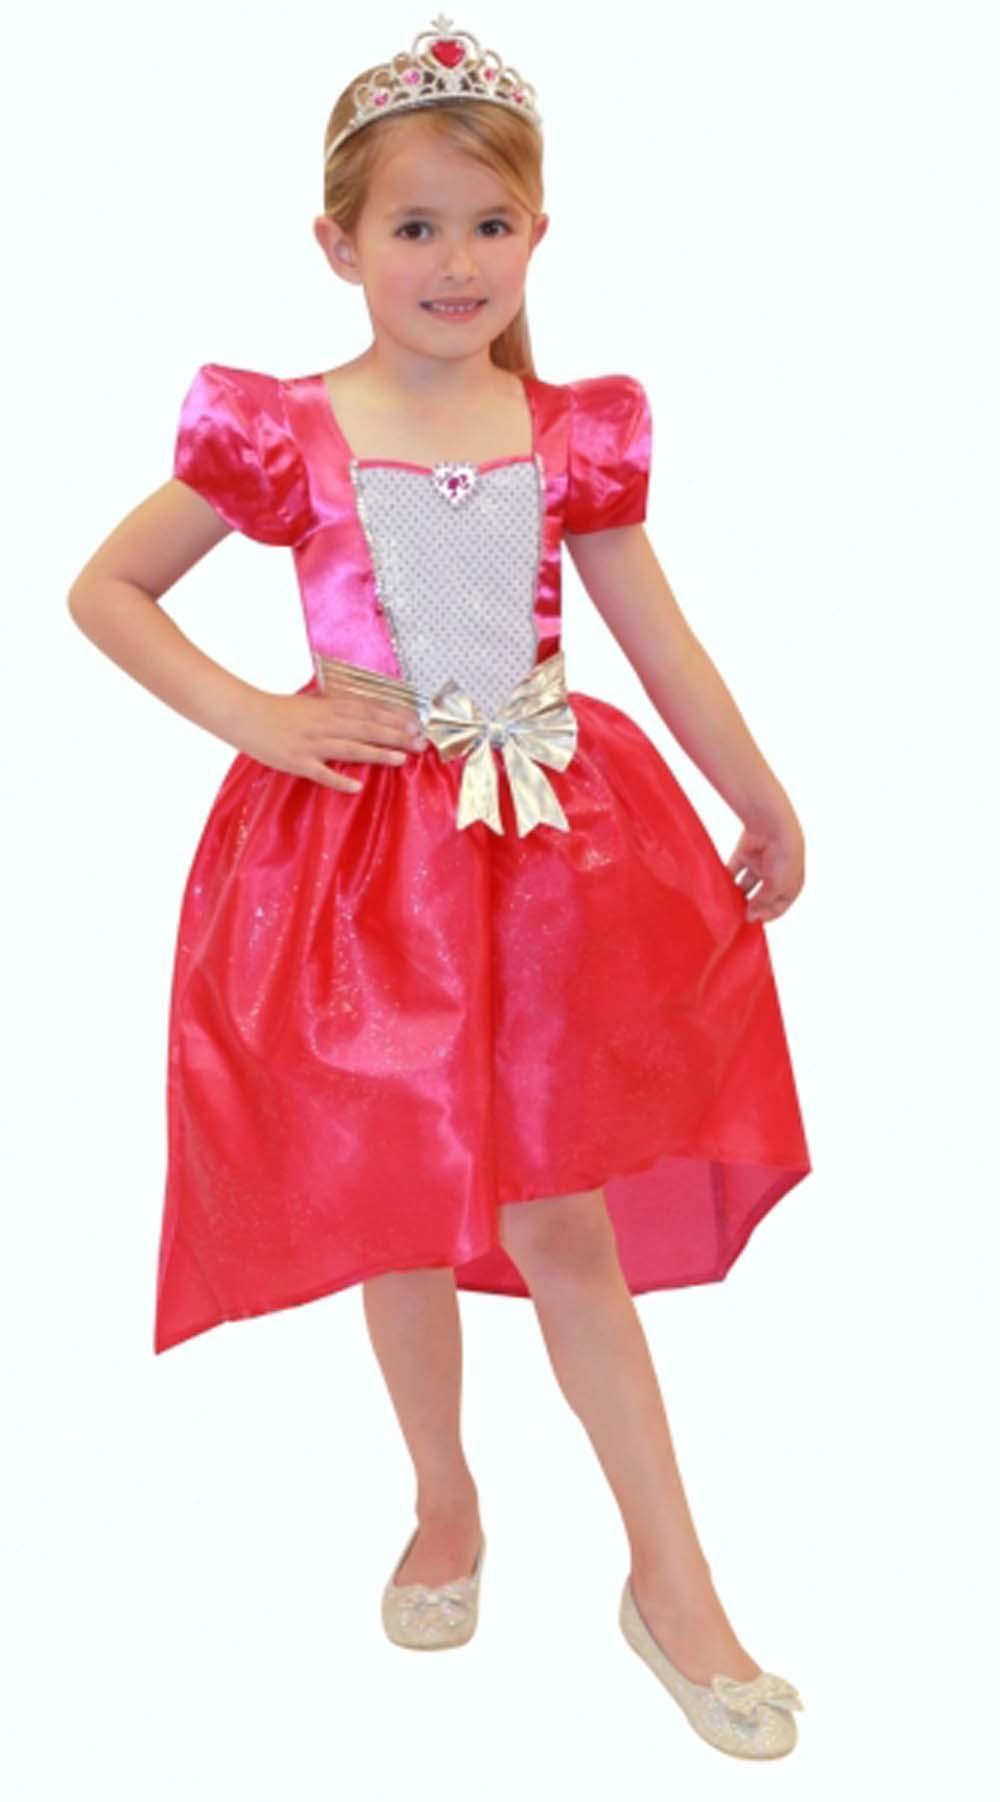 Mädchen Barbie Prinzessin Verkleidung Kostüm Alter 4-6 | eBay